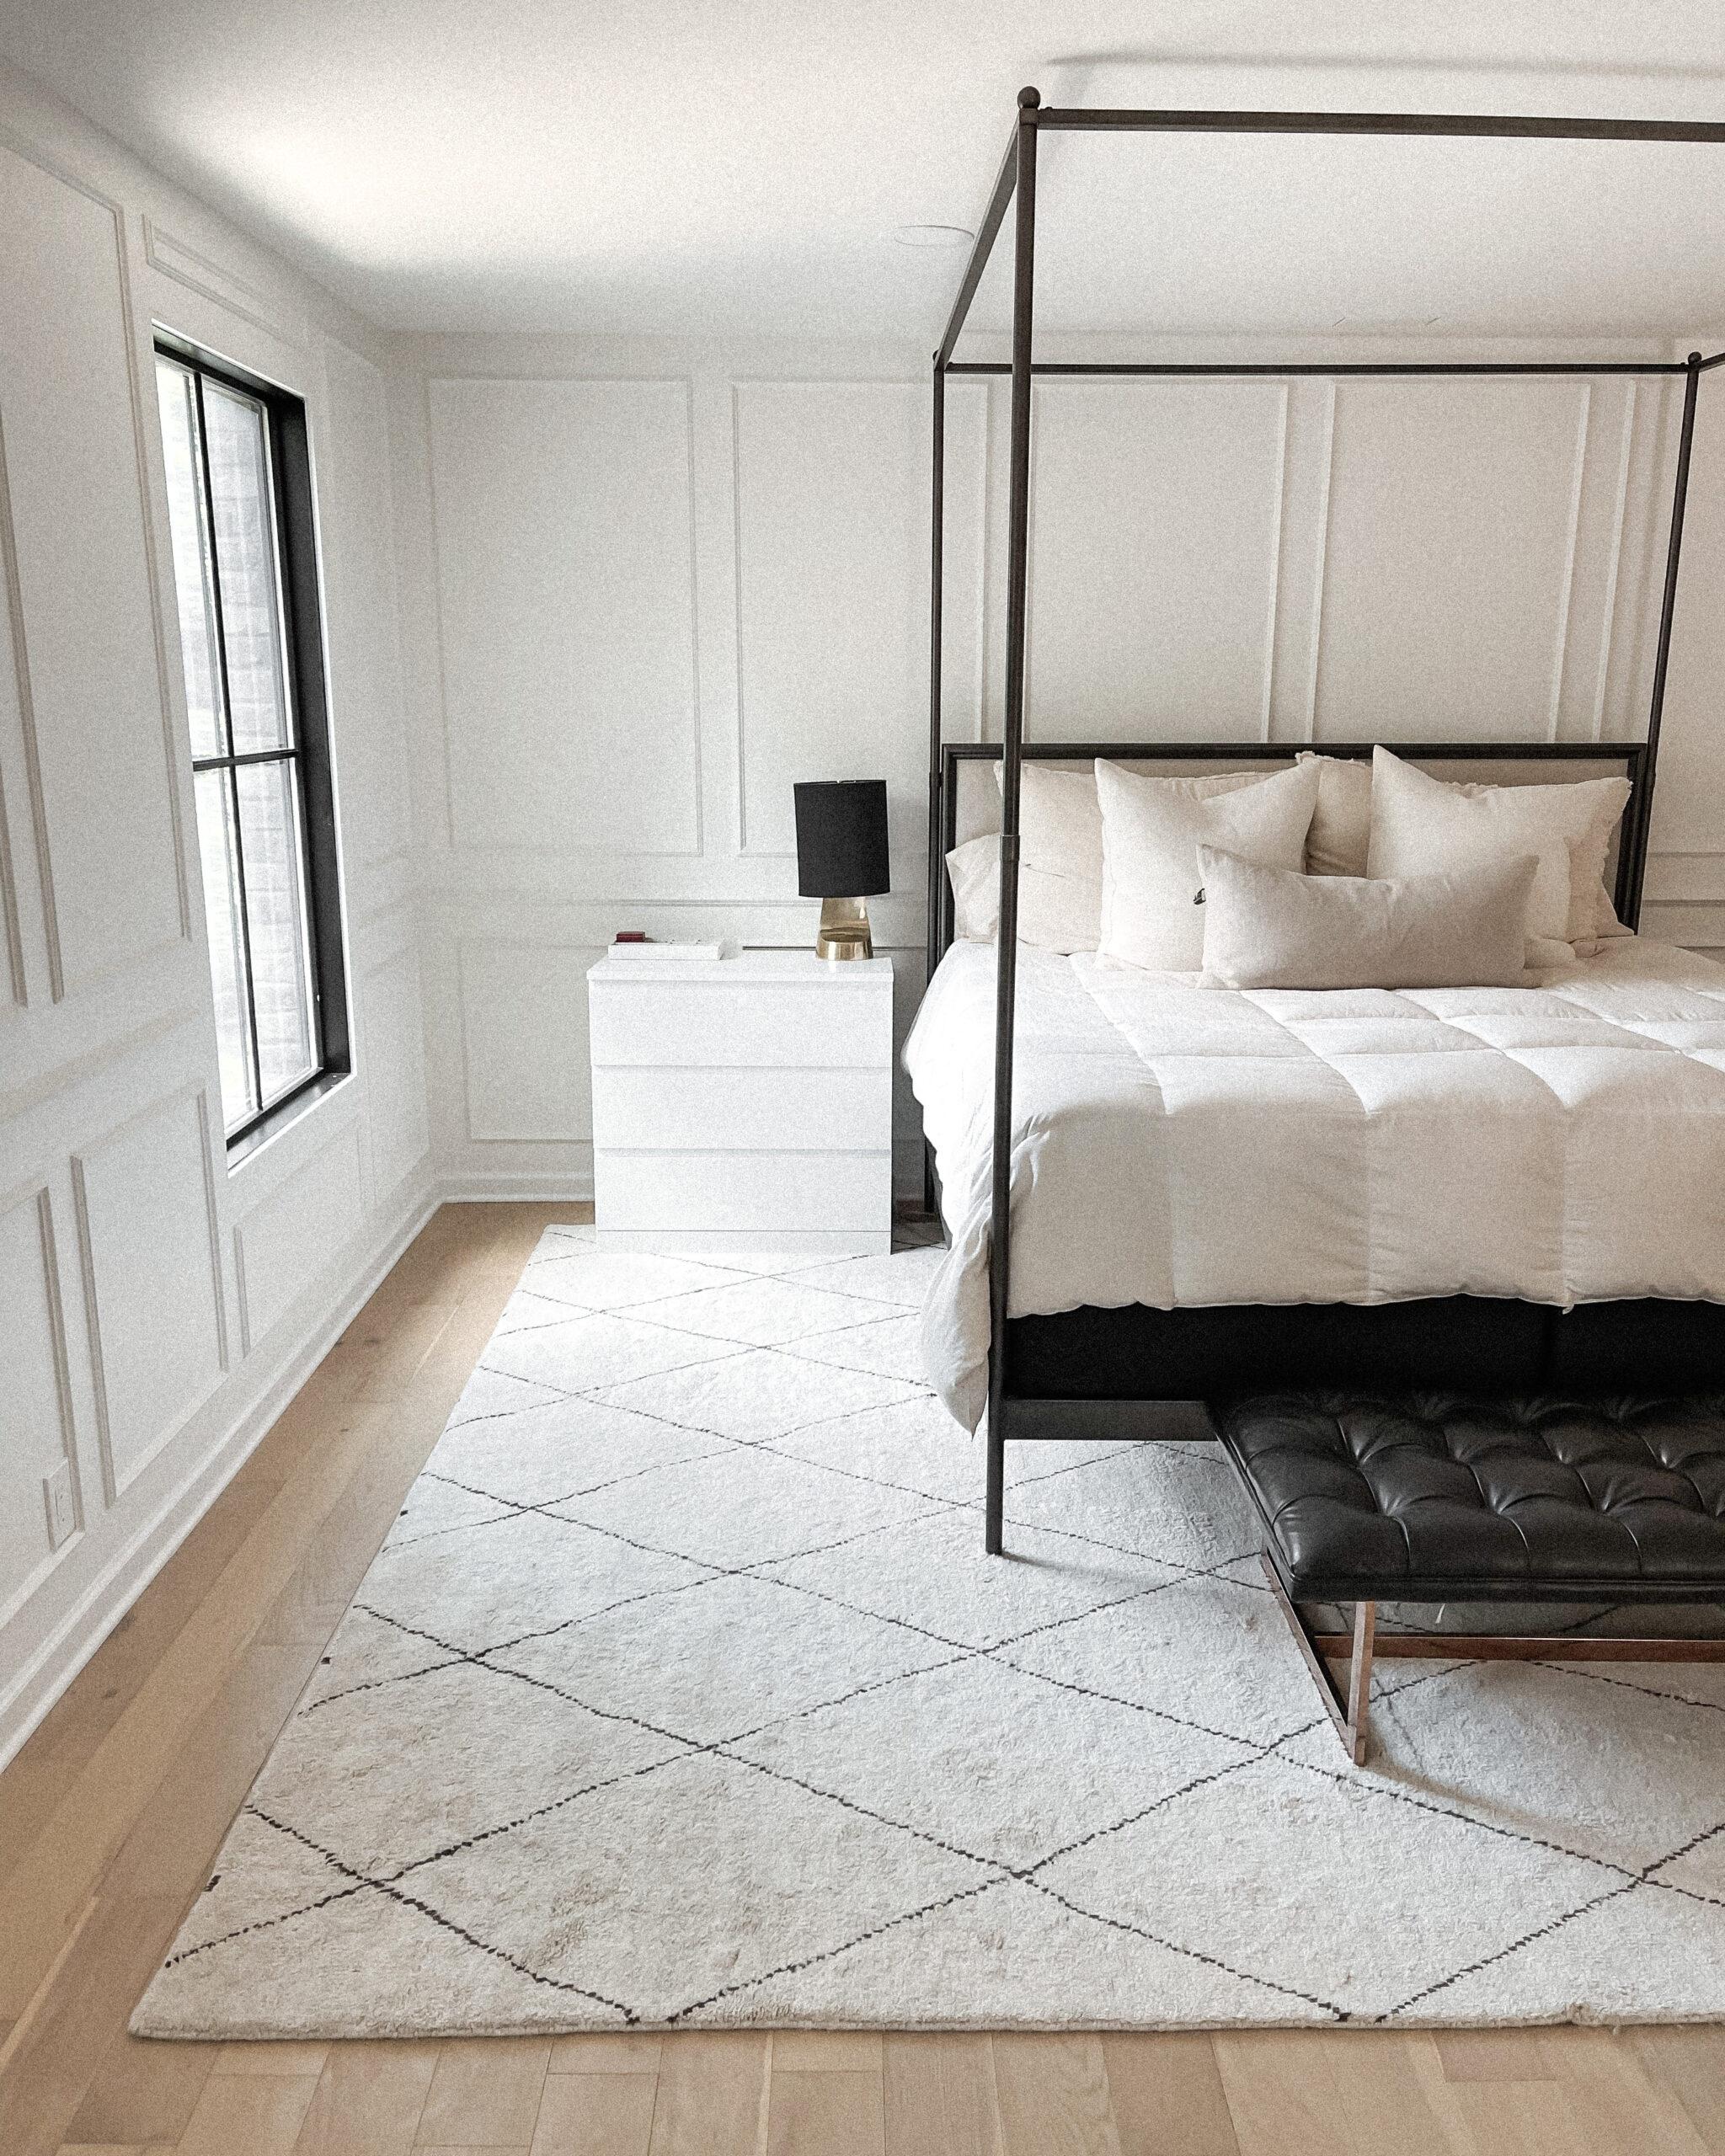 Fashion Jackson Restoration Hardware Bed Annie Selke Rug Master Bedroom Decor